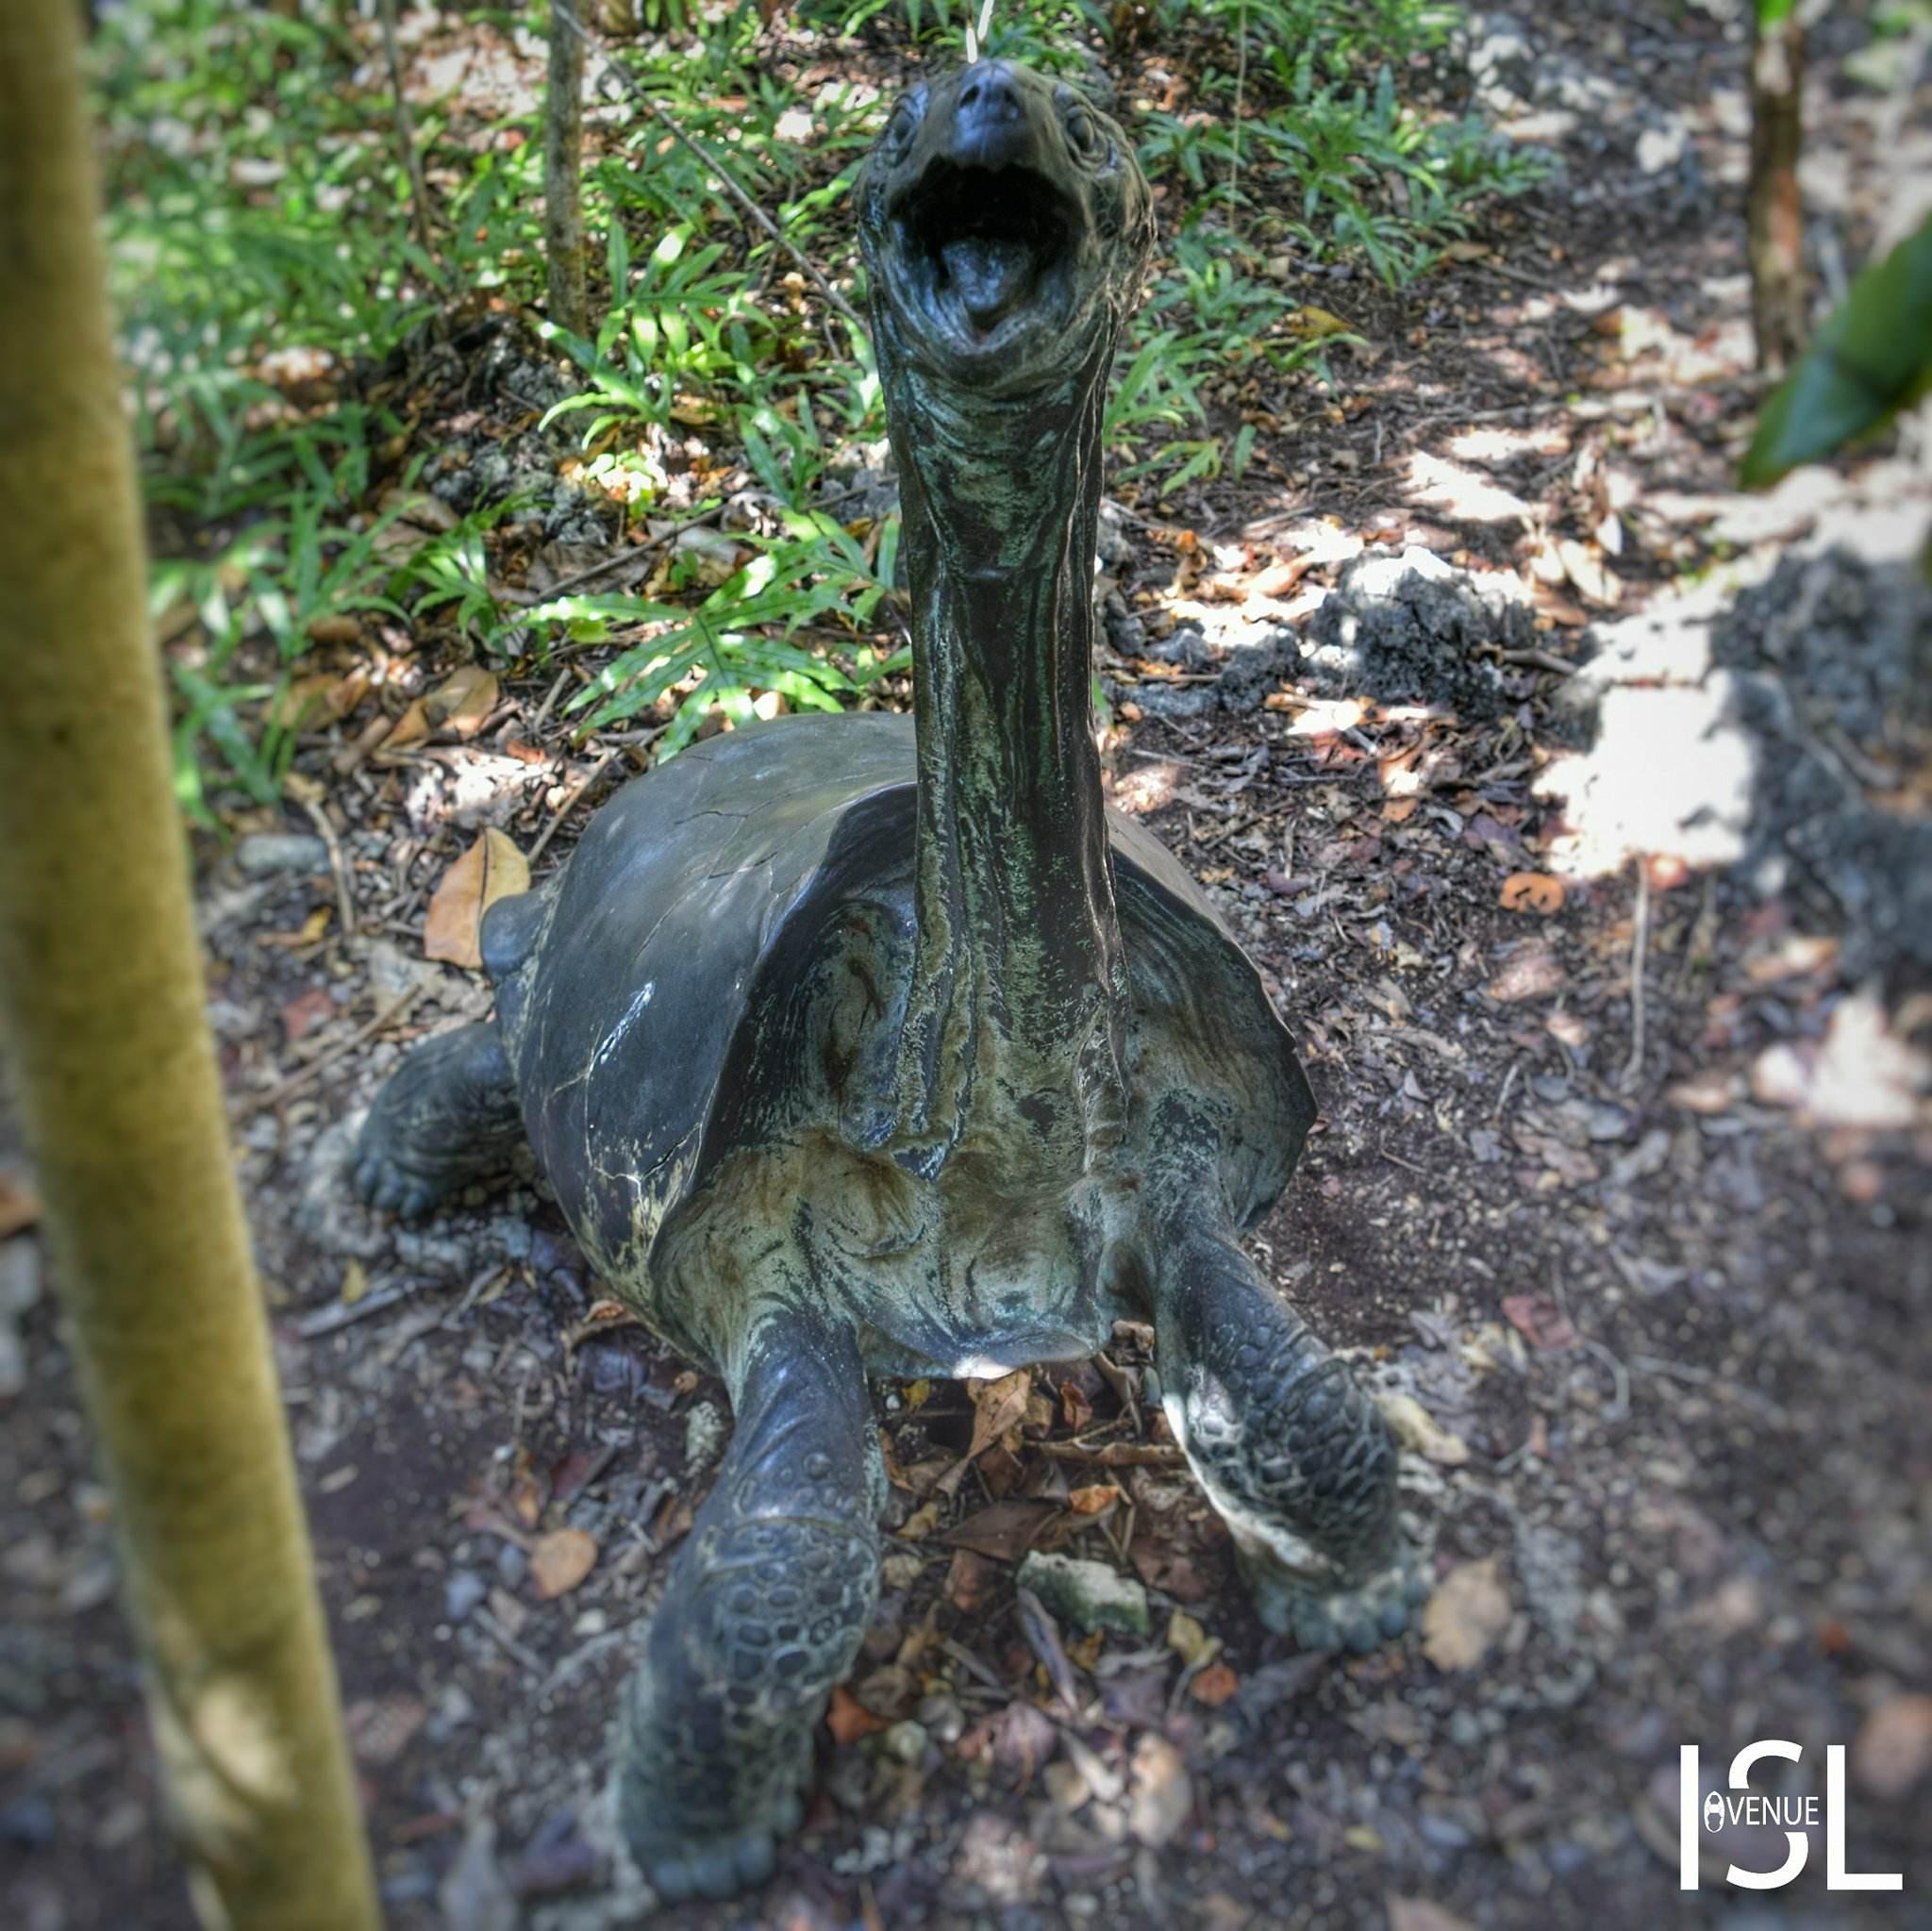 Saddle-backed giant tortoise mauritius